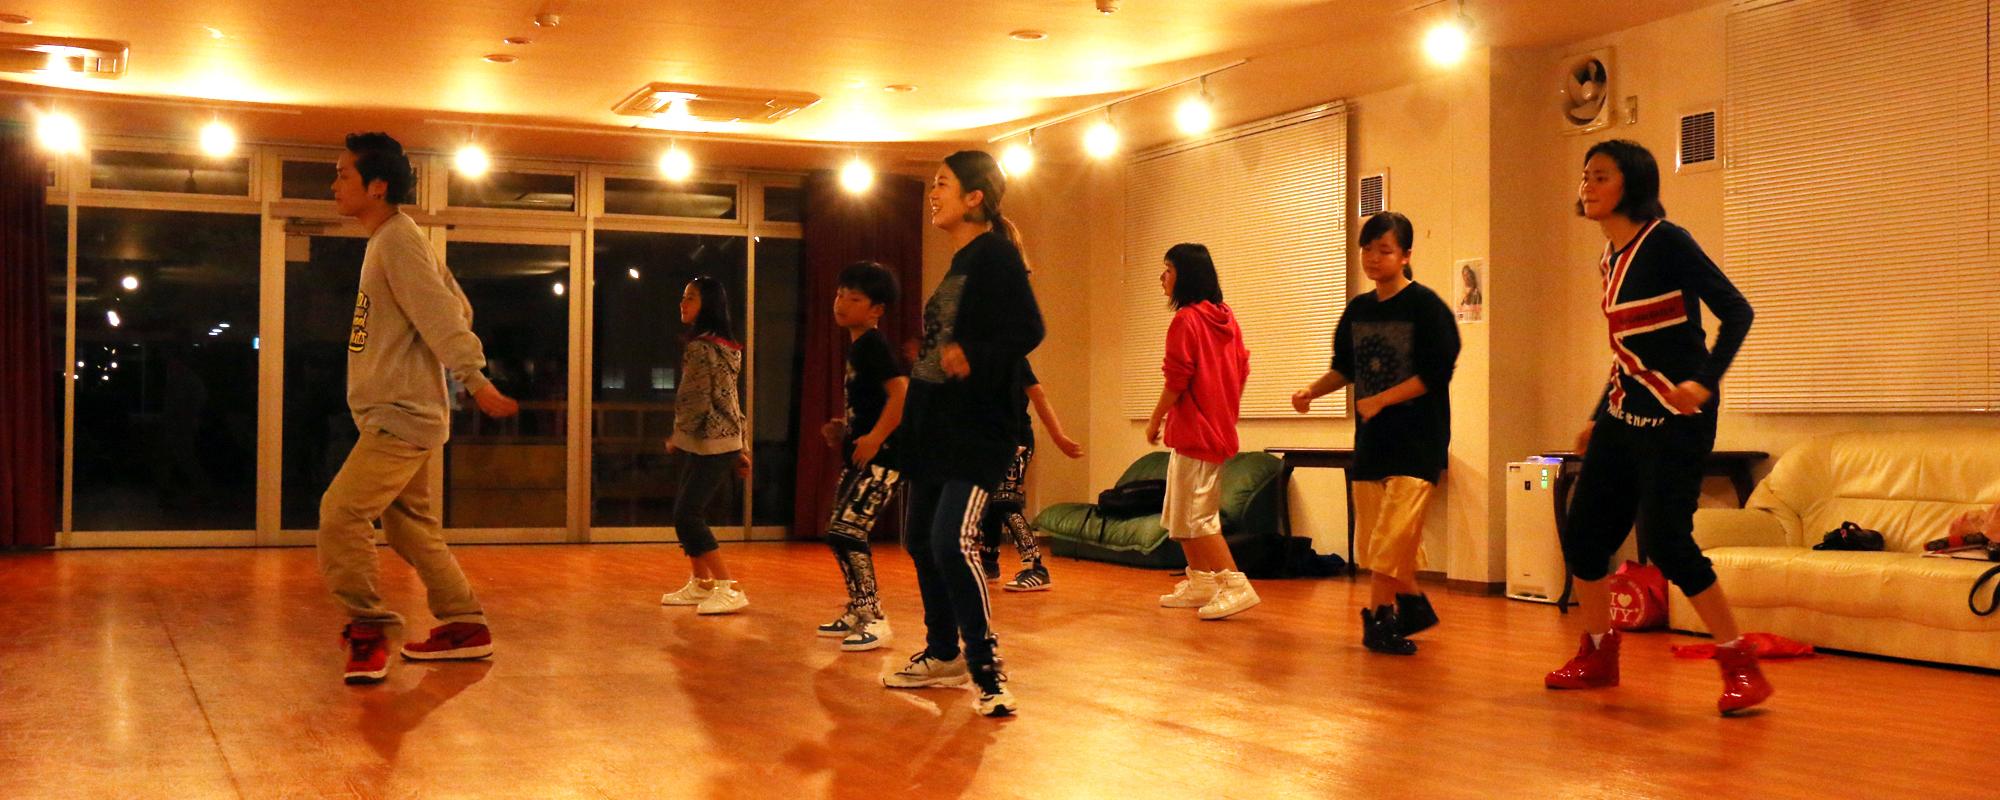 MONKATSU DANCE SCHOOL モンカツダンススクール | 福山市のダンススクール|クラスHIP HOP キッズ/初中級」のイメージ